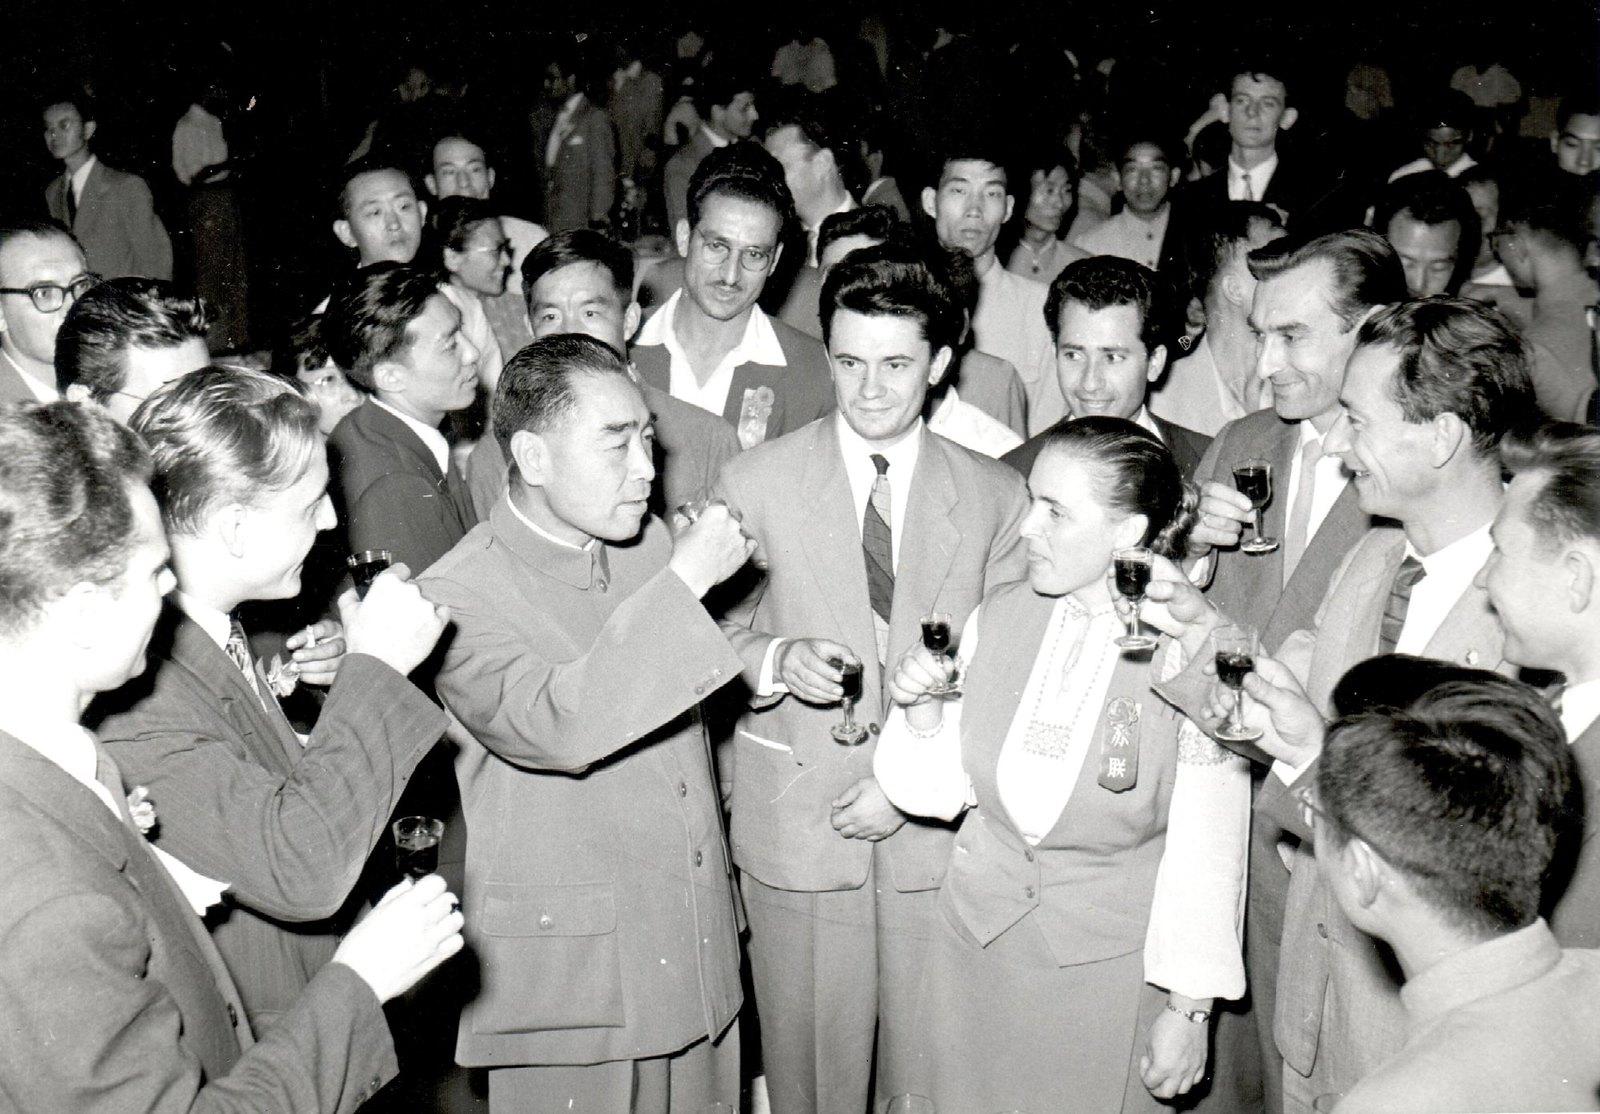 1958. Делегация ЦК ВЛКСМ в Пекине. В центре снимка – секретарь ЦК ВЛКСМ Л.К. Балясная